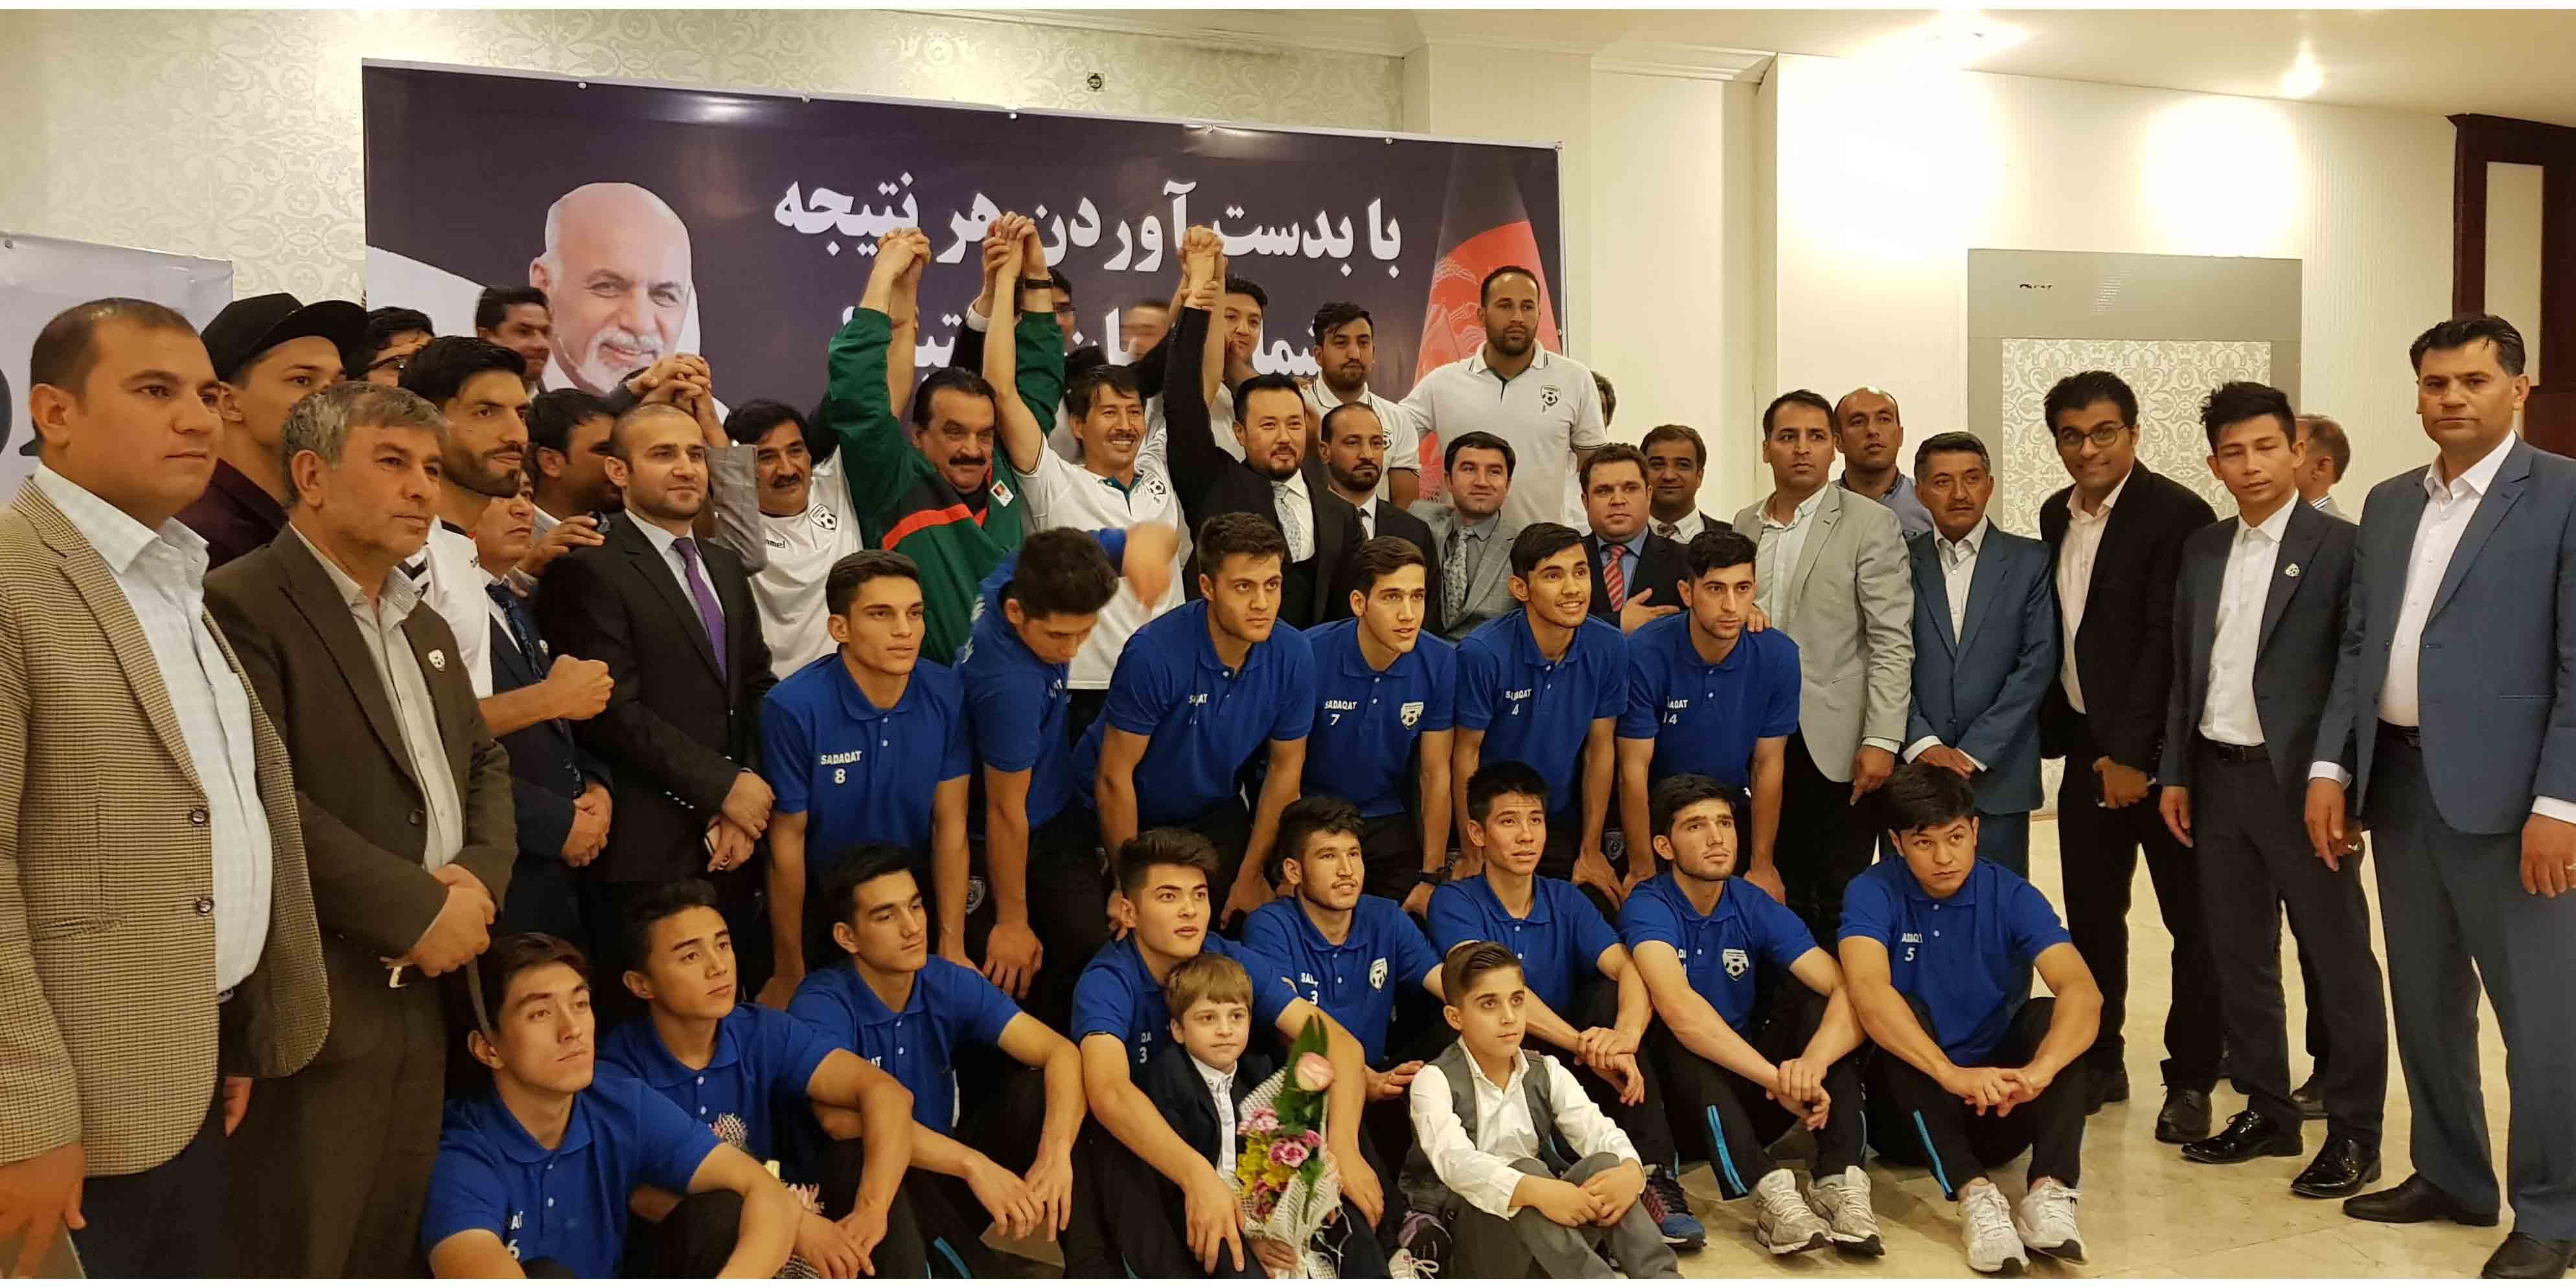 عکس اقای رحیمی ریس المپیک